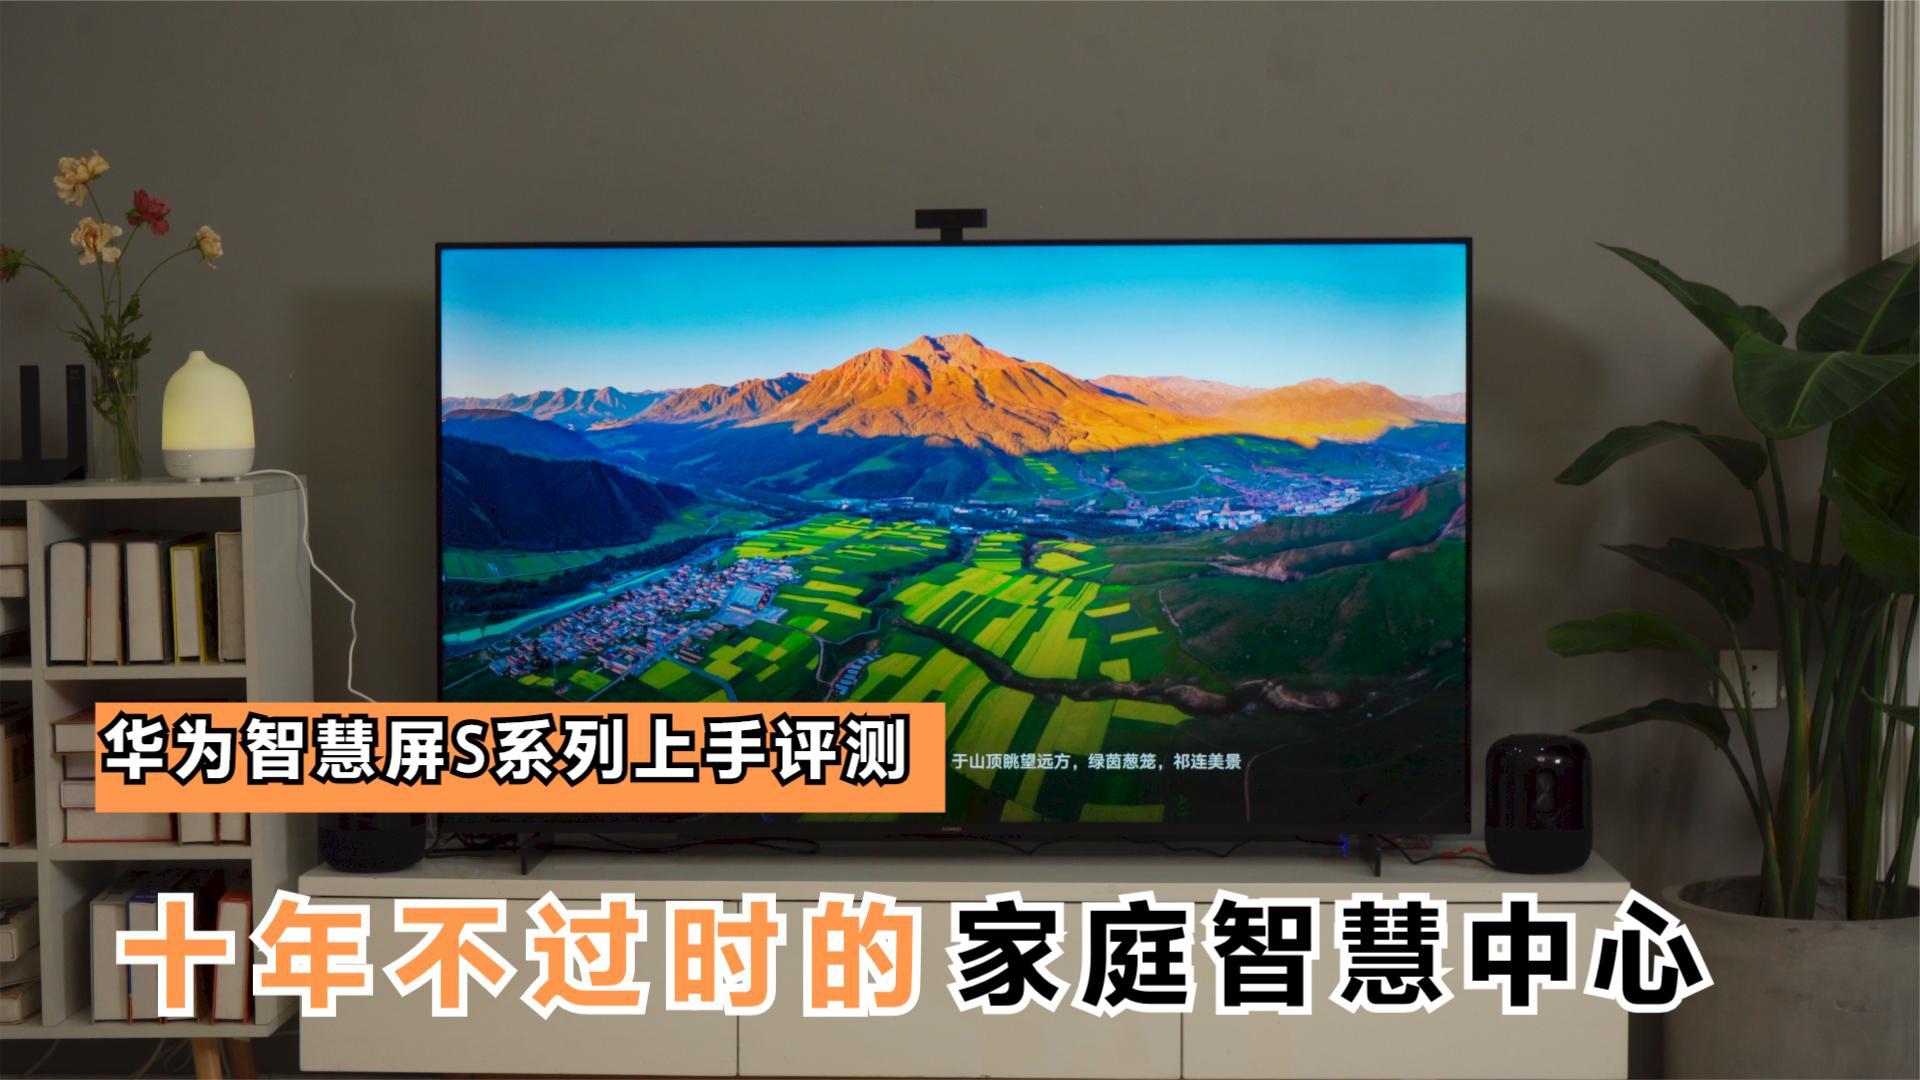 家庭智慧中心  华为智慧屏S系列上手评测